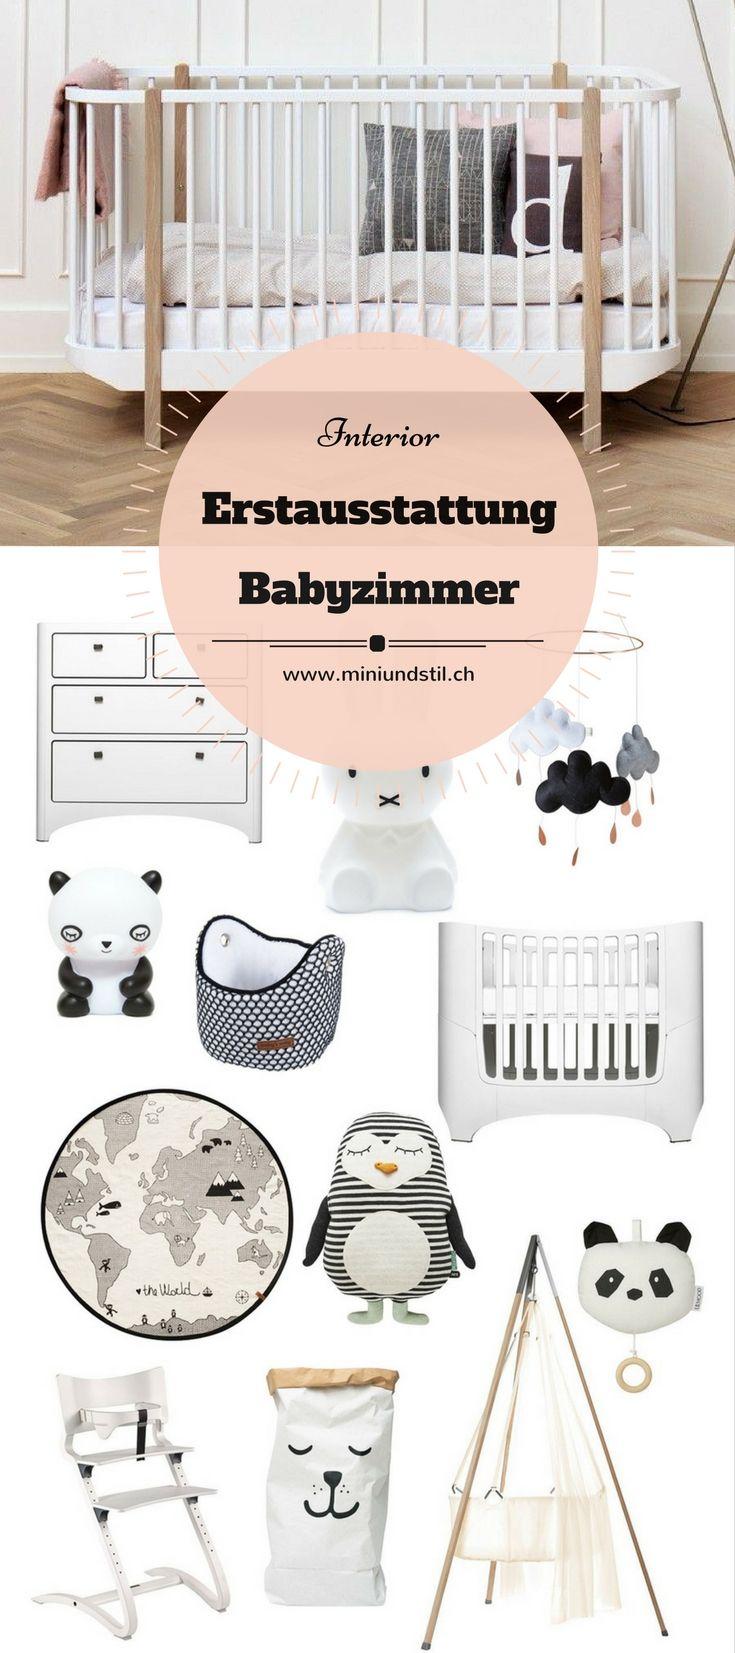 baby erstausstattung das braucht ihr f rs kinderzimmer blog mini stil pinterest baby. Black Bedroom Furniture Sets. Home Design Ideas